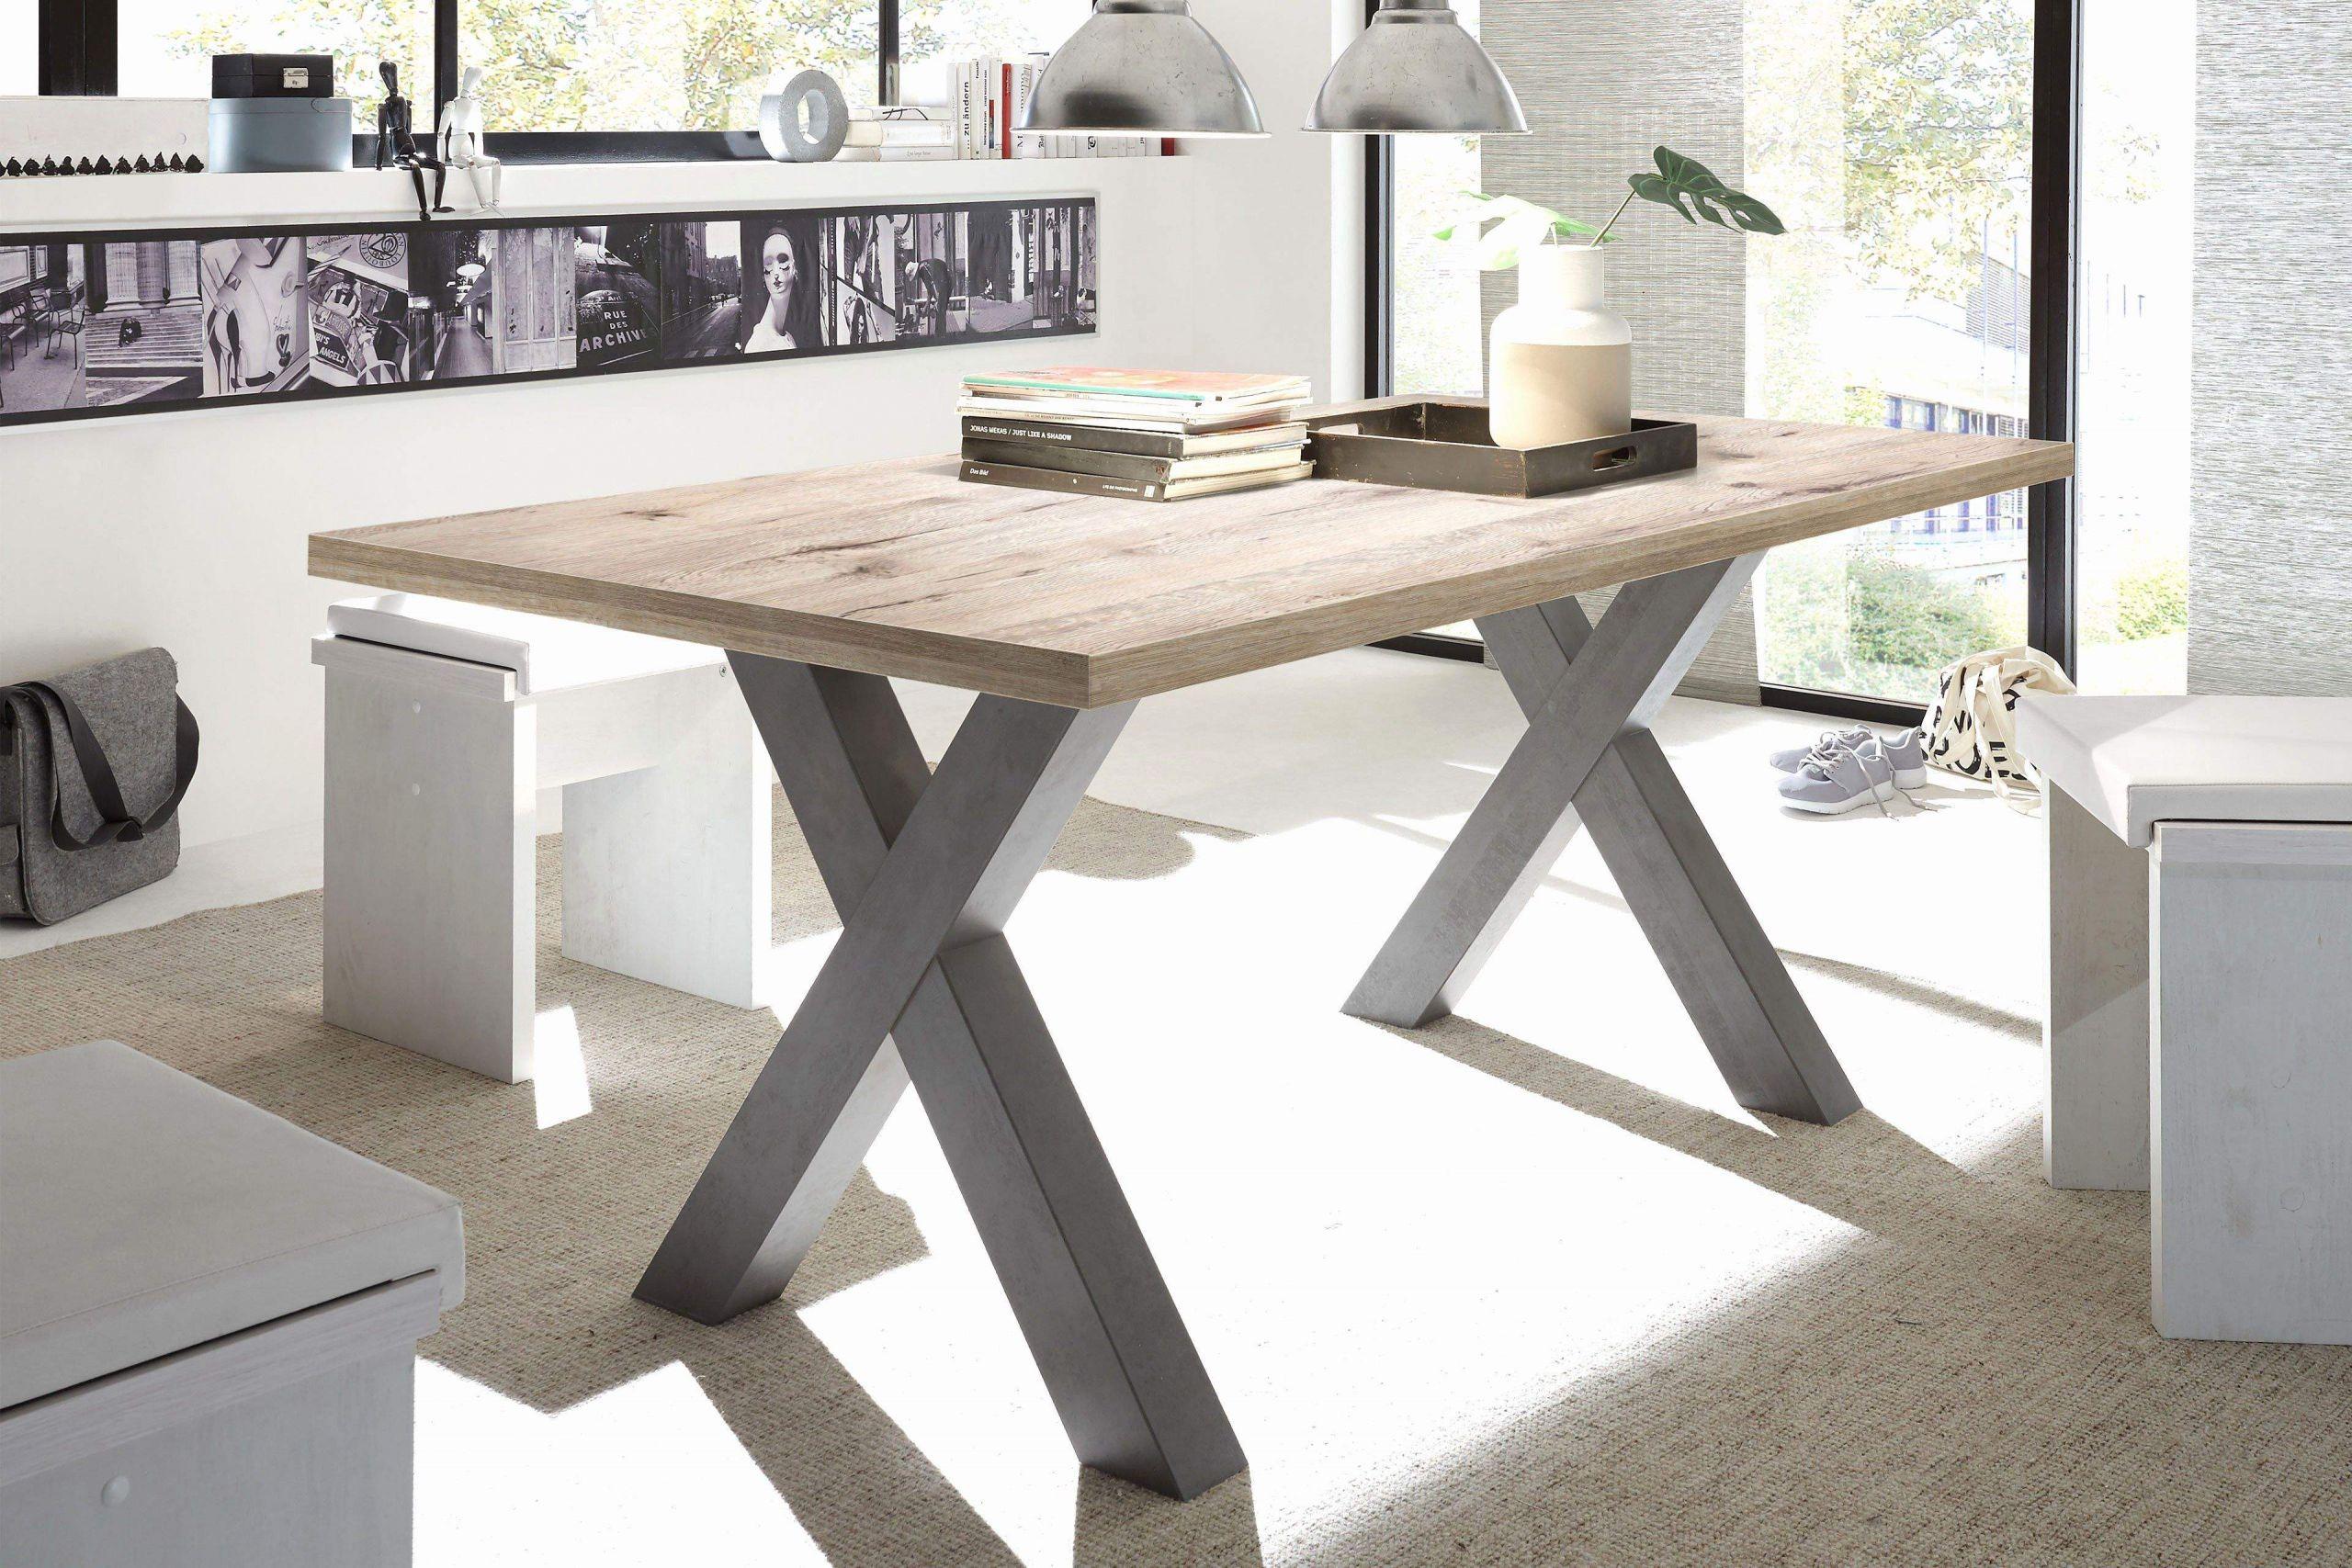 wohnzimmer stuhle neu esszimmer tisch stuhle ausziehbaren tisch selber bauen of wohnzimmer stuhle